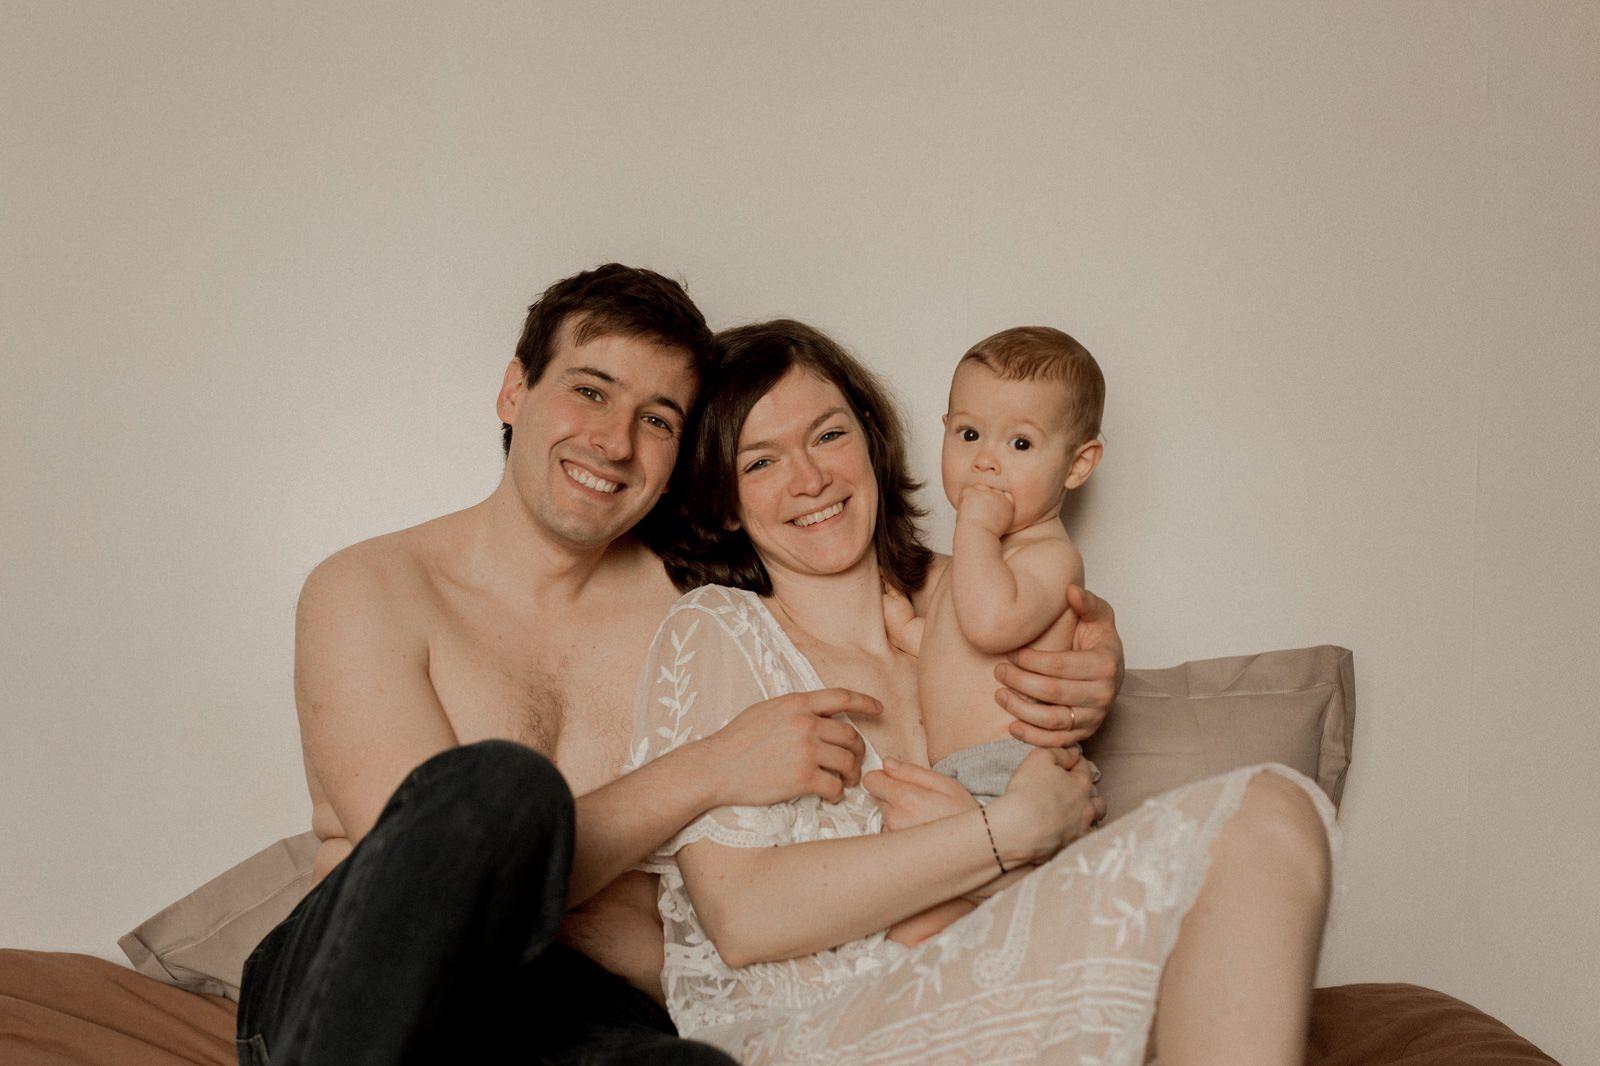 photographe vidéaste photo vidéo allaitement bébé nouveau né à la maison caen calvados